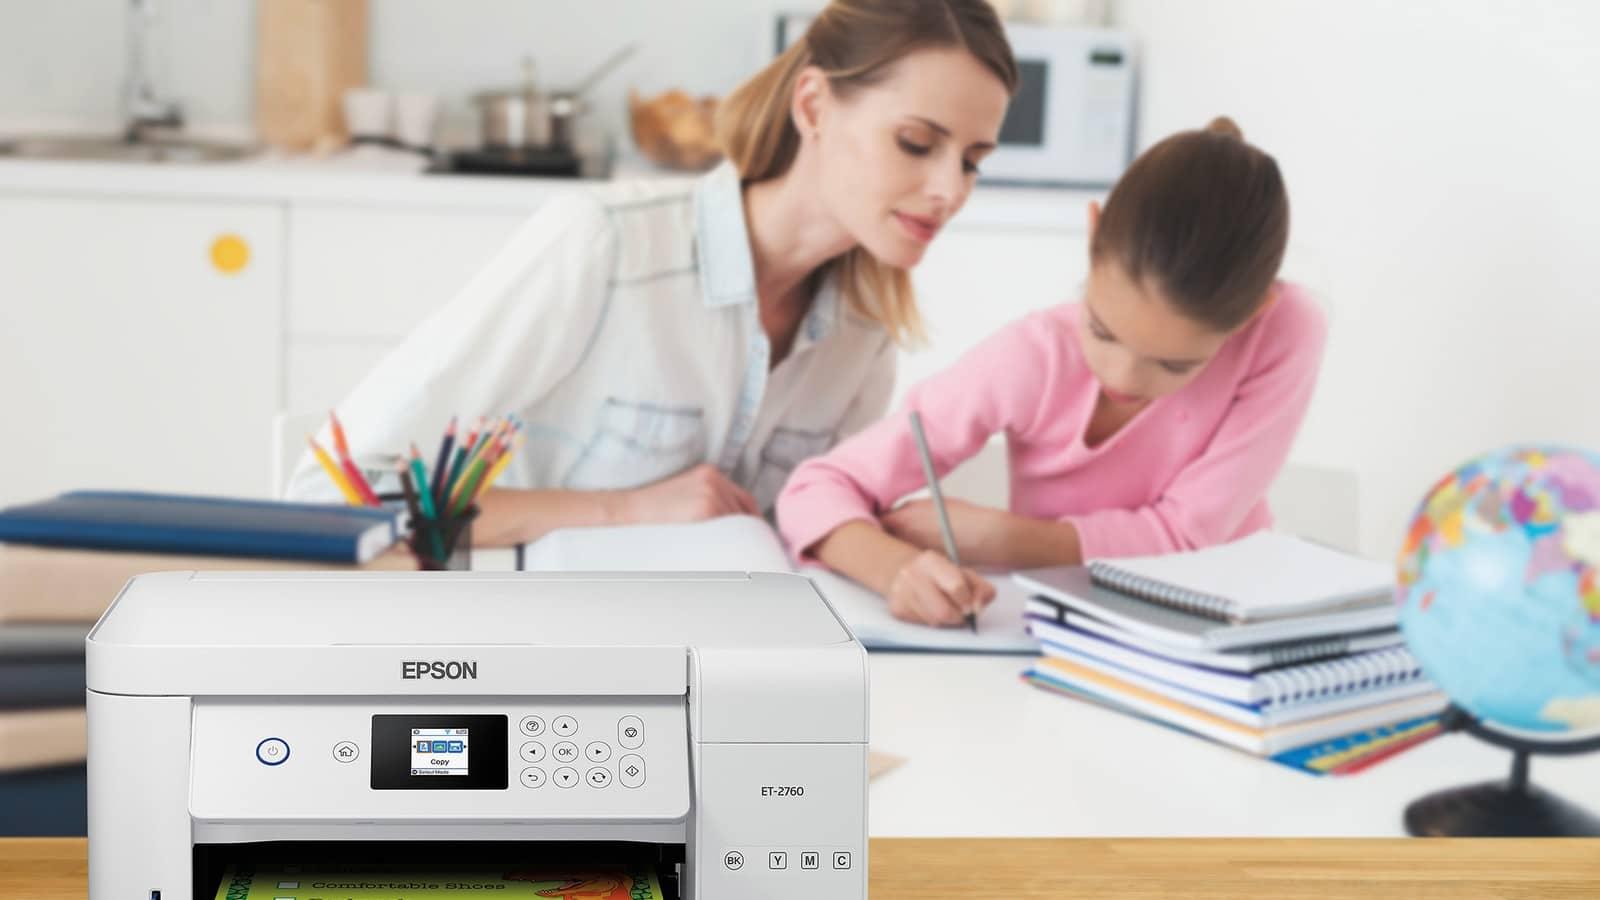 Mejores impresoras baratas con tinta económica